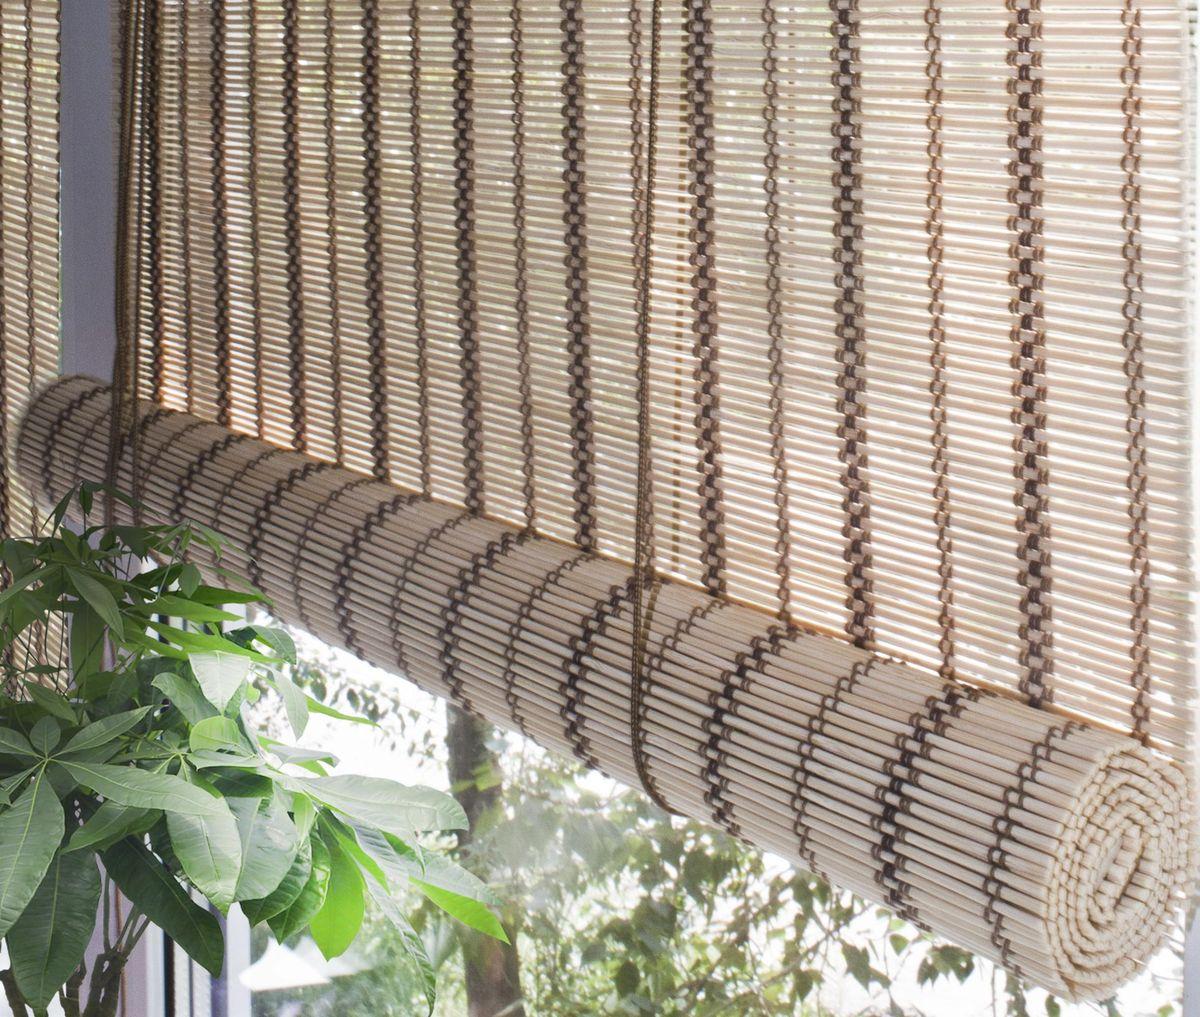 Штора рулонная Эскар Бамбук, цвет: золотой беж, ширина 80 см, высота 160 см7014080160При оформлении интерьера современных помещений многие отдают предпочтение природным материалам. Бамбуковые рулонные шторы - одно из натуральных изделий, способное сделать атмосферу помещения более уютной и в то же время необычной. Свойства бамбука уникальны: он экологически чист, так как быстро вырастает, благодаря чему не успевает накопить вредные вещества из окружающей среды. Кроме того, растение обладает противомикробным и антибактериальным действием. Занавеси из бамбука безопасно использовать в помещениях, где находятся новорожденные дети и люди, склонные к аллергии. Они незаменимы для тех, кто заботится о своем здоровье и уделяет внимание высокому уровню жизни. Бамбуковые рулонные шторы представляют собой полотно, состоящее из тонких бамбуковых стеблей и сворачиваемое в рулон. Римские бамбуковые шторы, как и тканевые римские шторы, при поднятии образуют крупные складки, которые прекрасно декорируют окно. Особенность устройства полотна позволяет свободно пропускать...